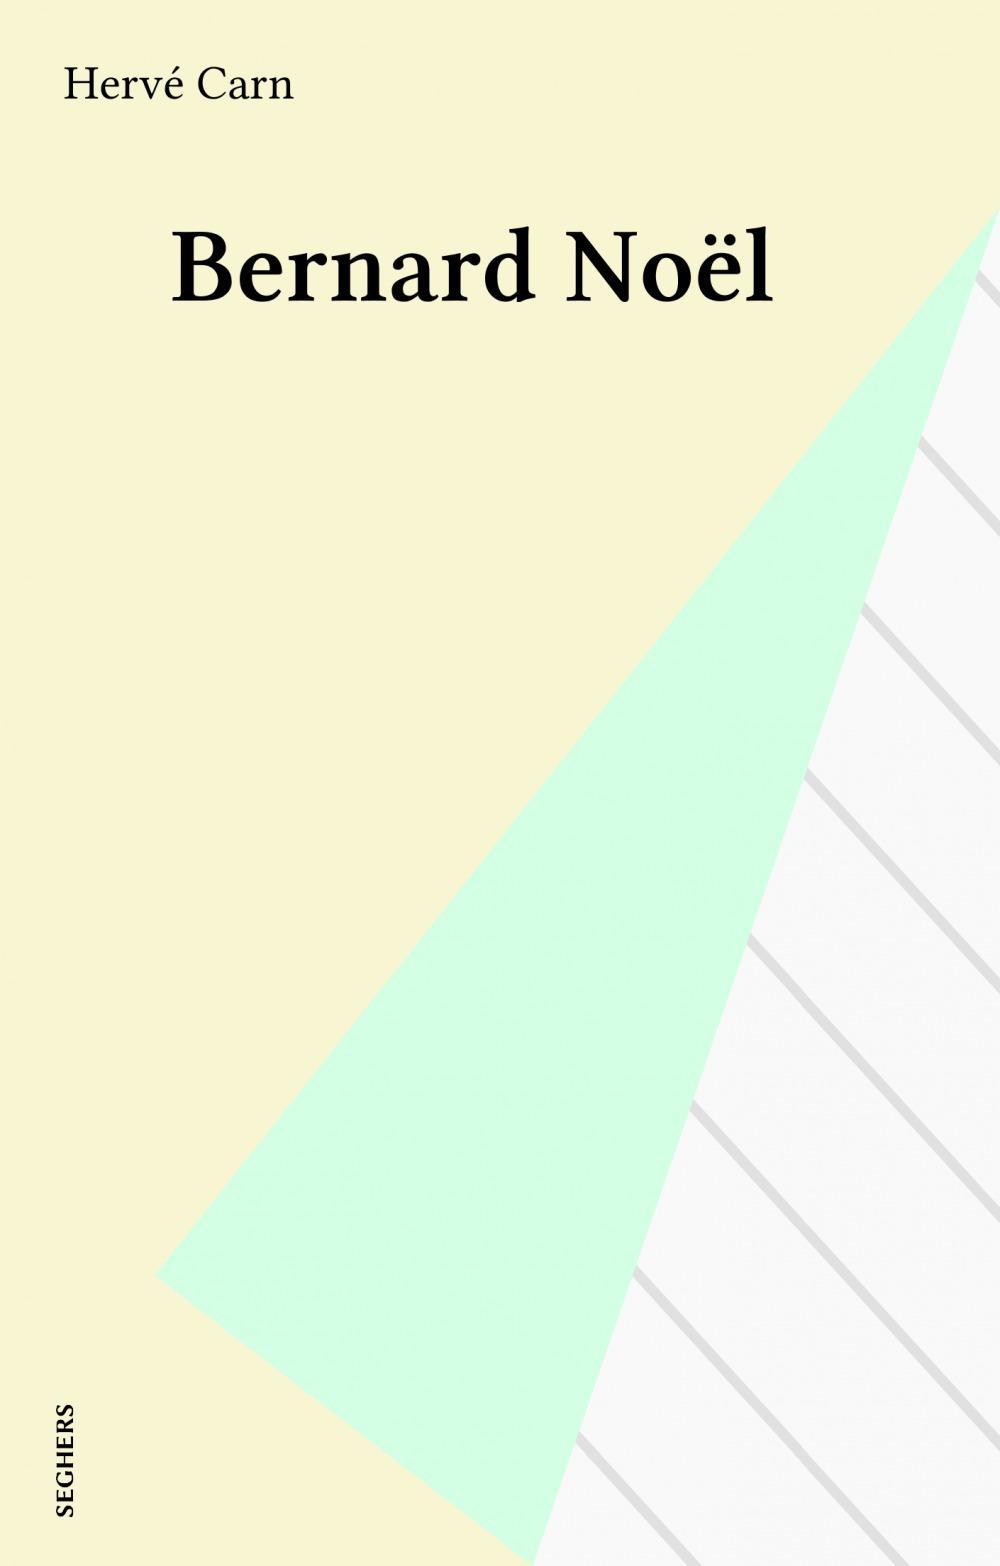 P253 - bernard noel